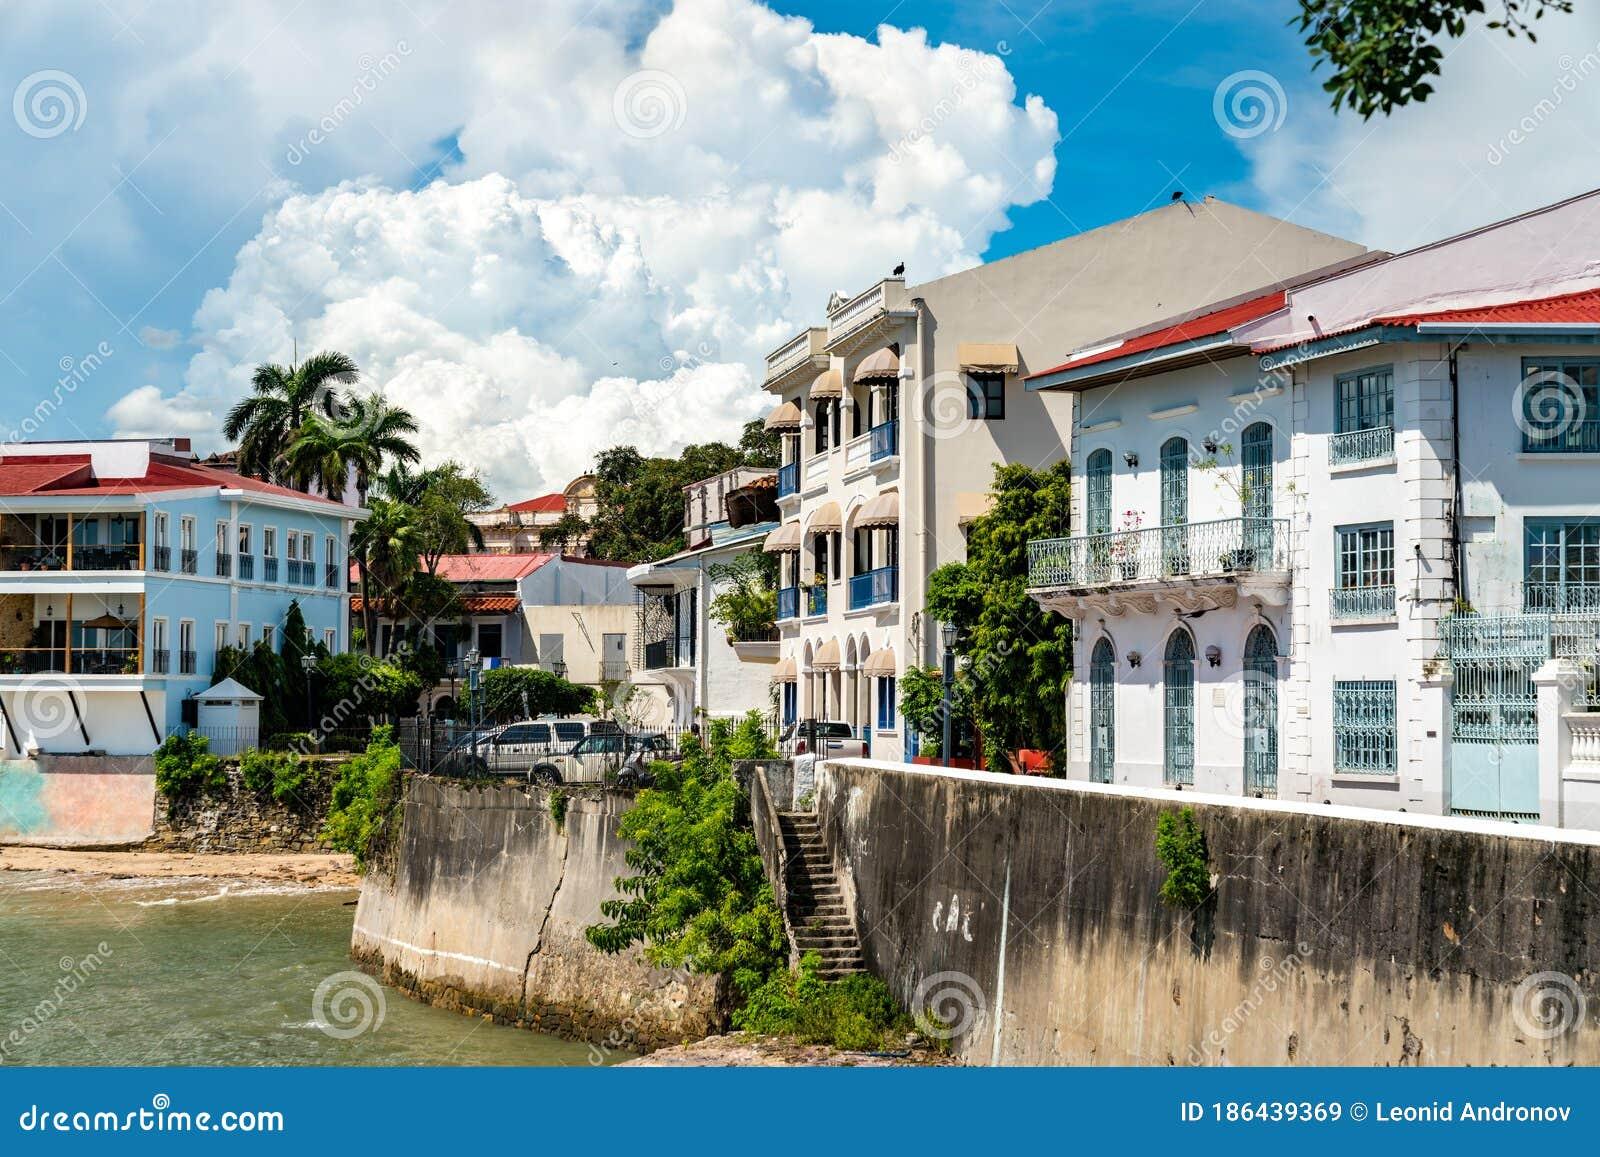 Spanische Kolonialhäuser In Casco Viejo Panama Stadt Stockbild Bild Von Haupt Amerika 186439369